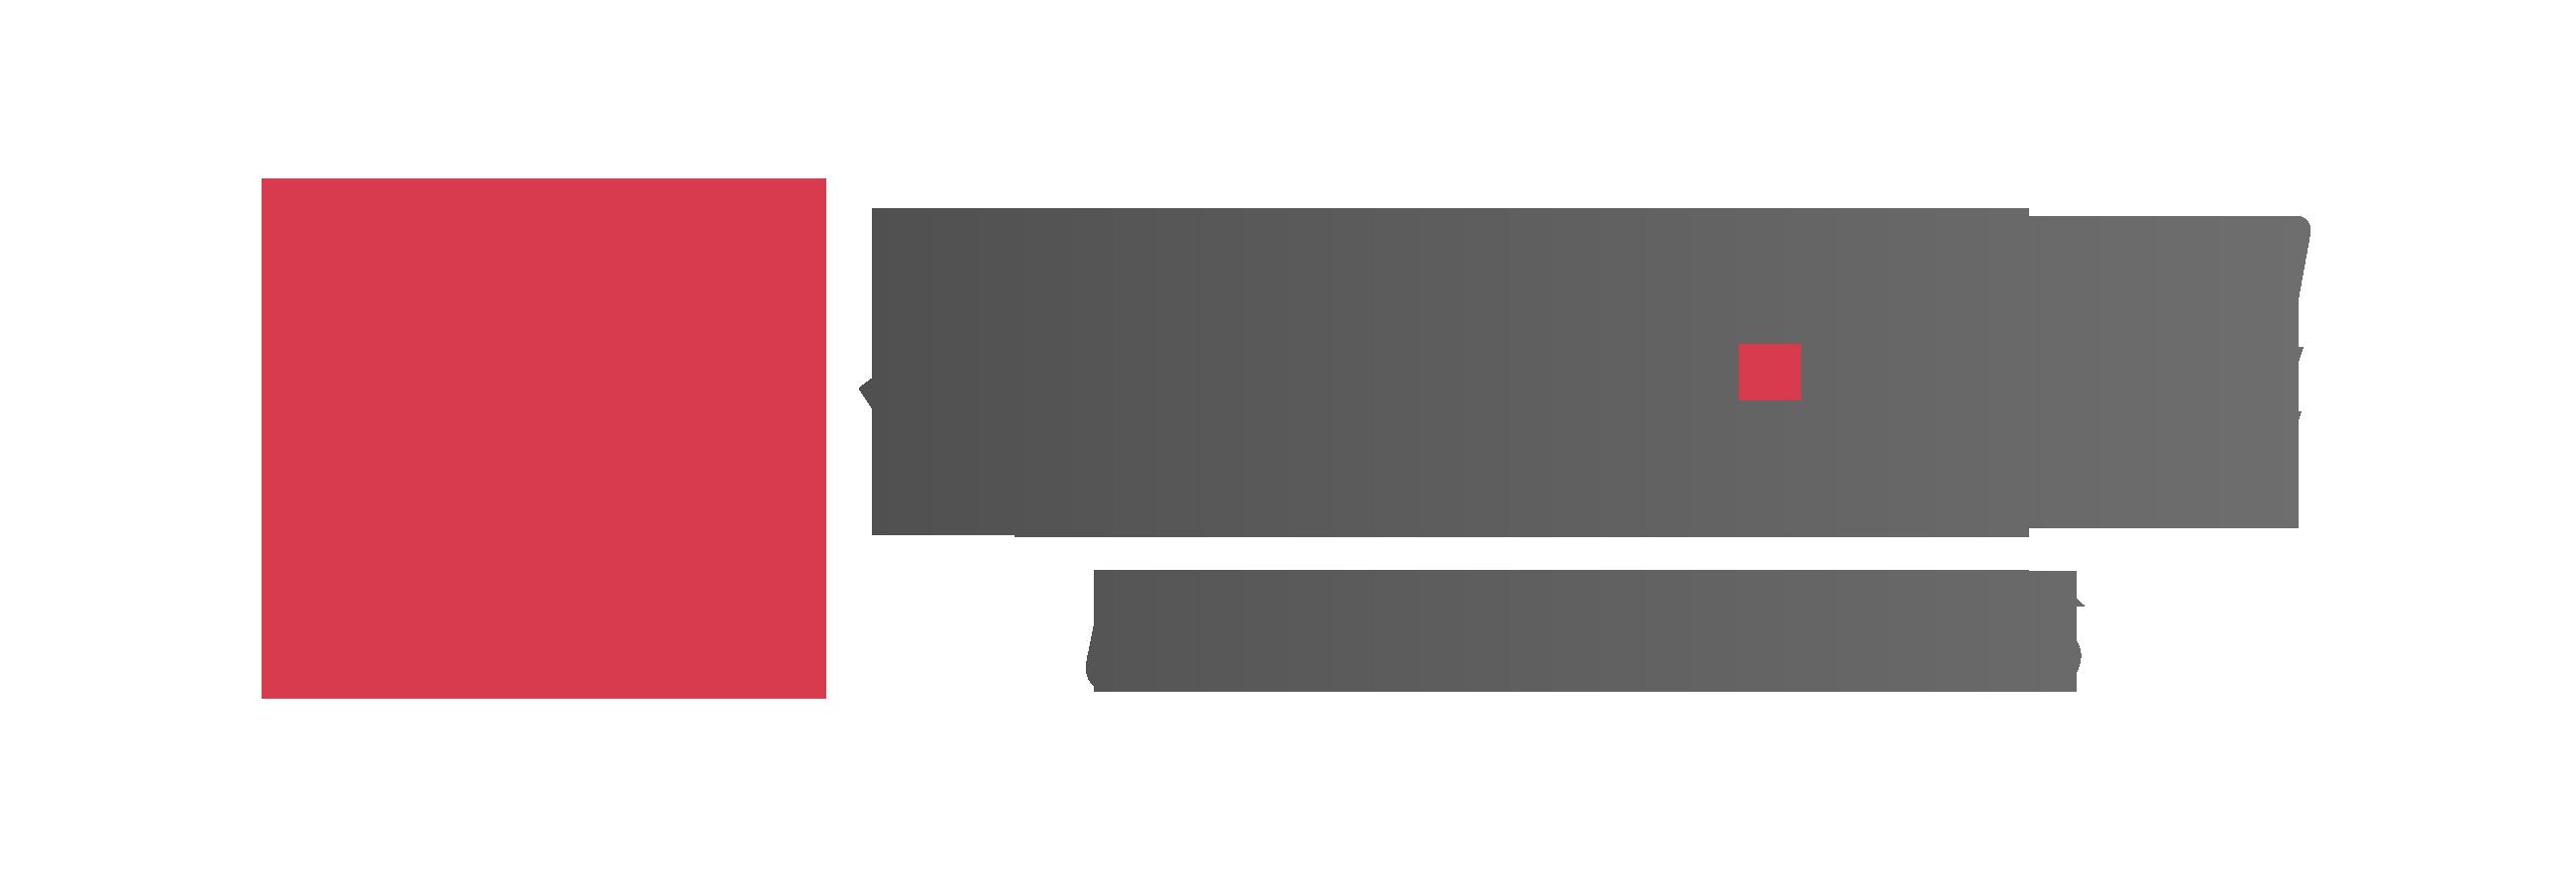 北京有爱互娱科技有限公司